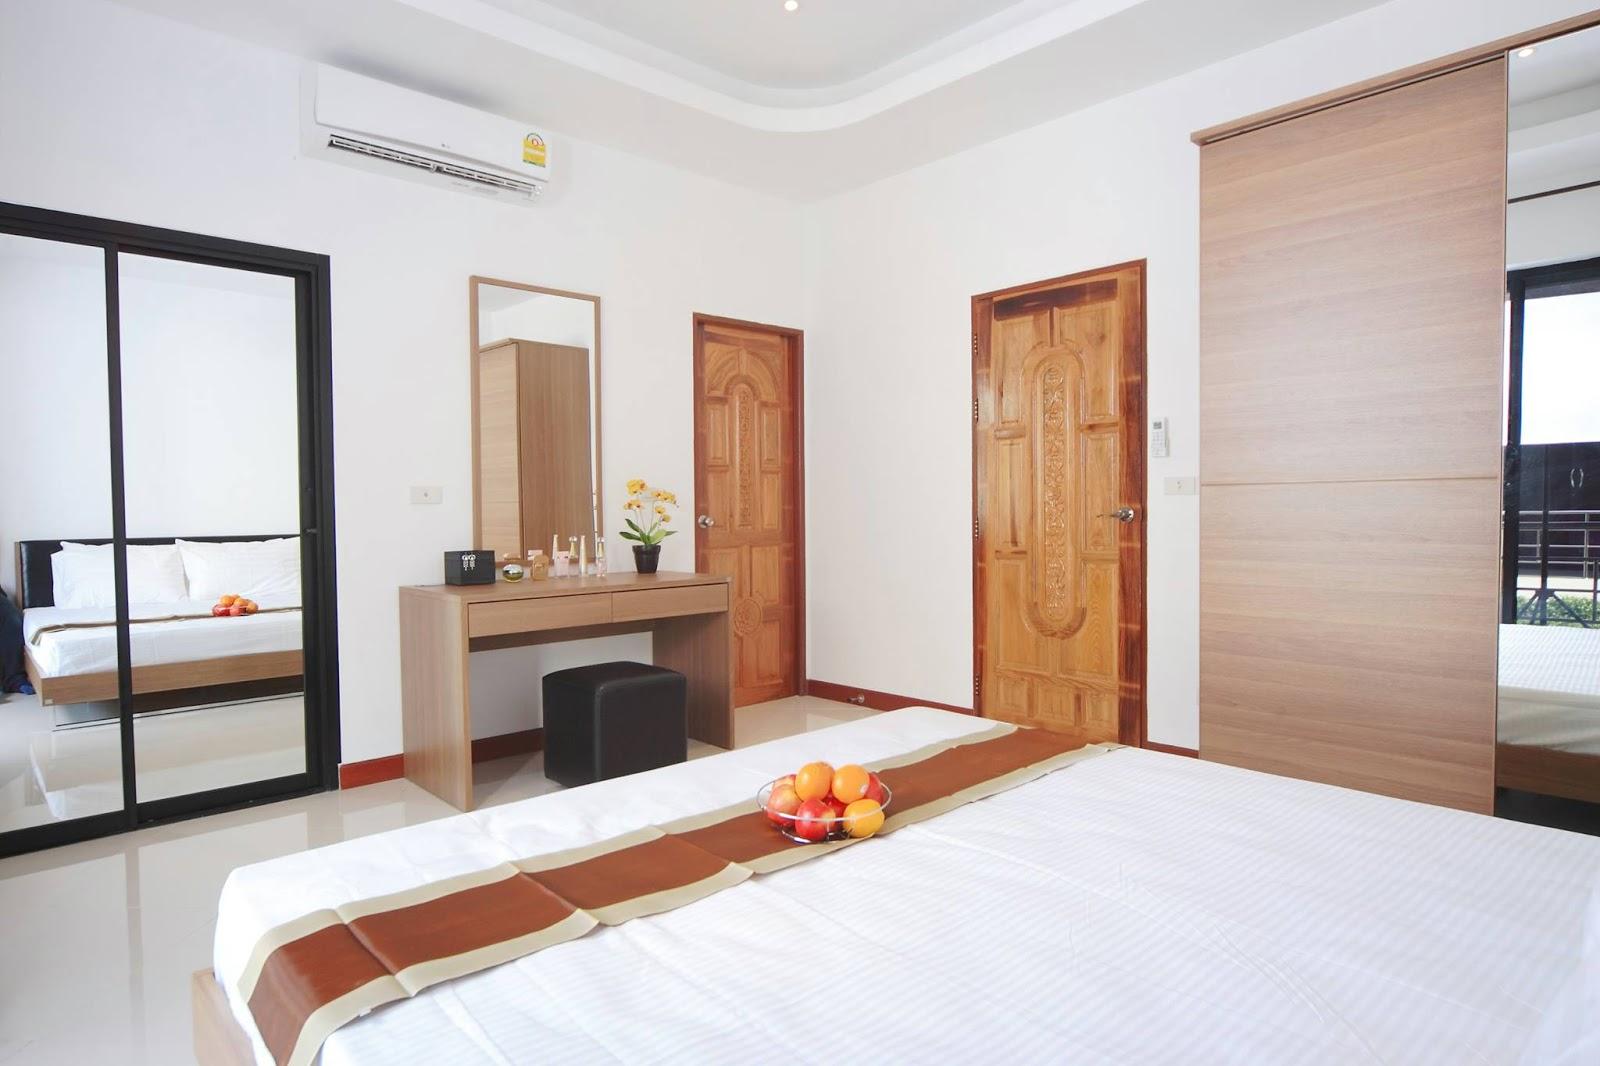 Vi bygger hus i chackpong ban phe: hyr bostad på thai panorama resort